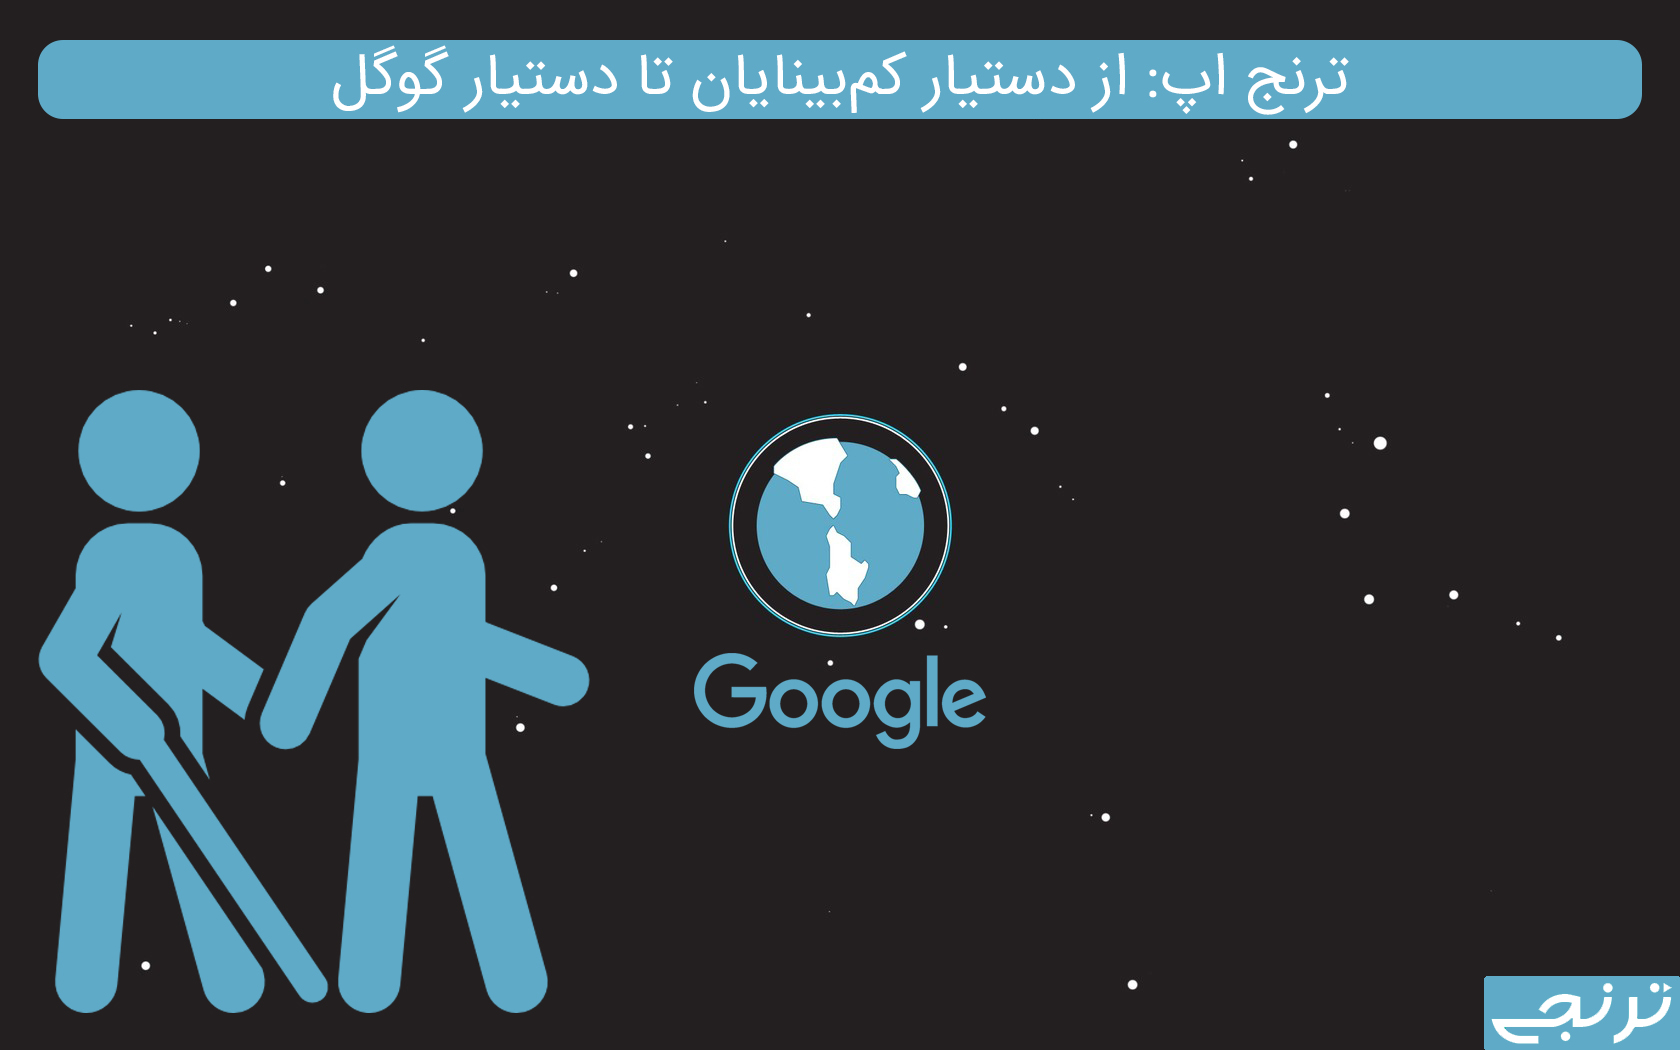 ترنج اپ : از دستیار کمبینایان تا دستیار گوگل